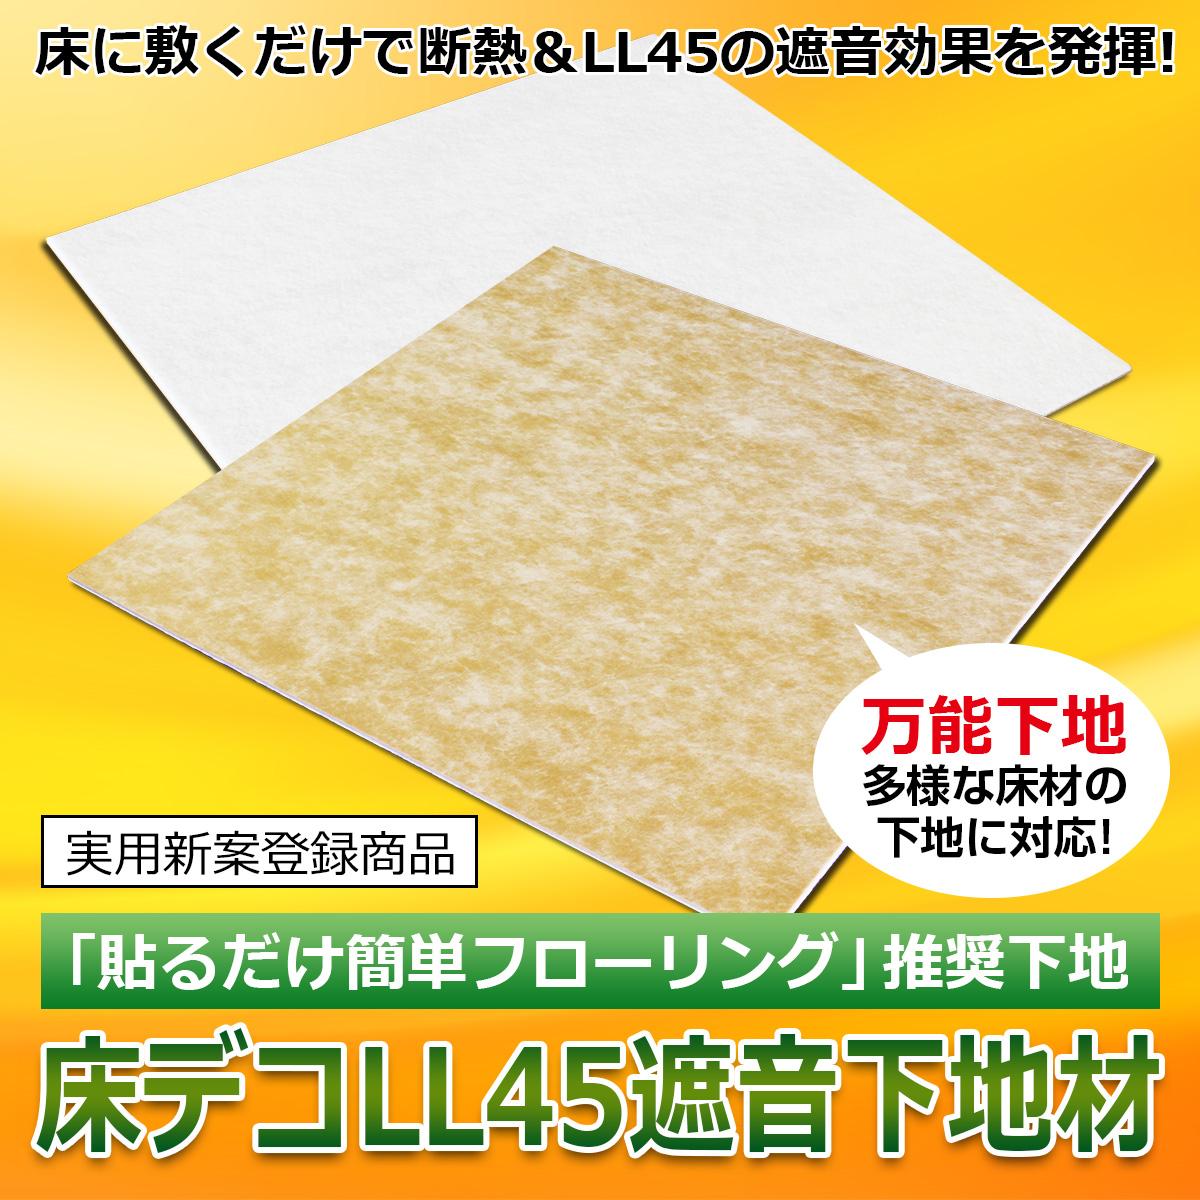 床に敷くだけで断熱&LL45の遮音効果 貼るだけ簡単フローリング専用下地 床デコLL45遮音下地材